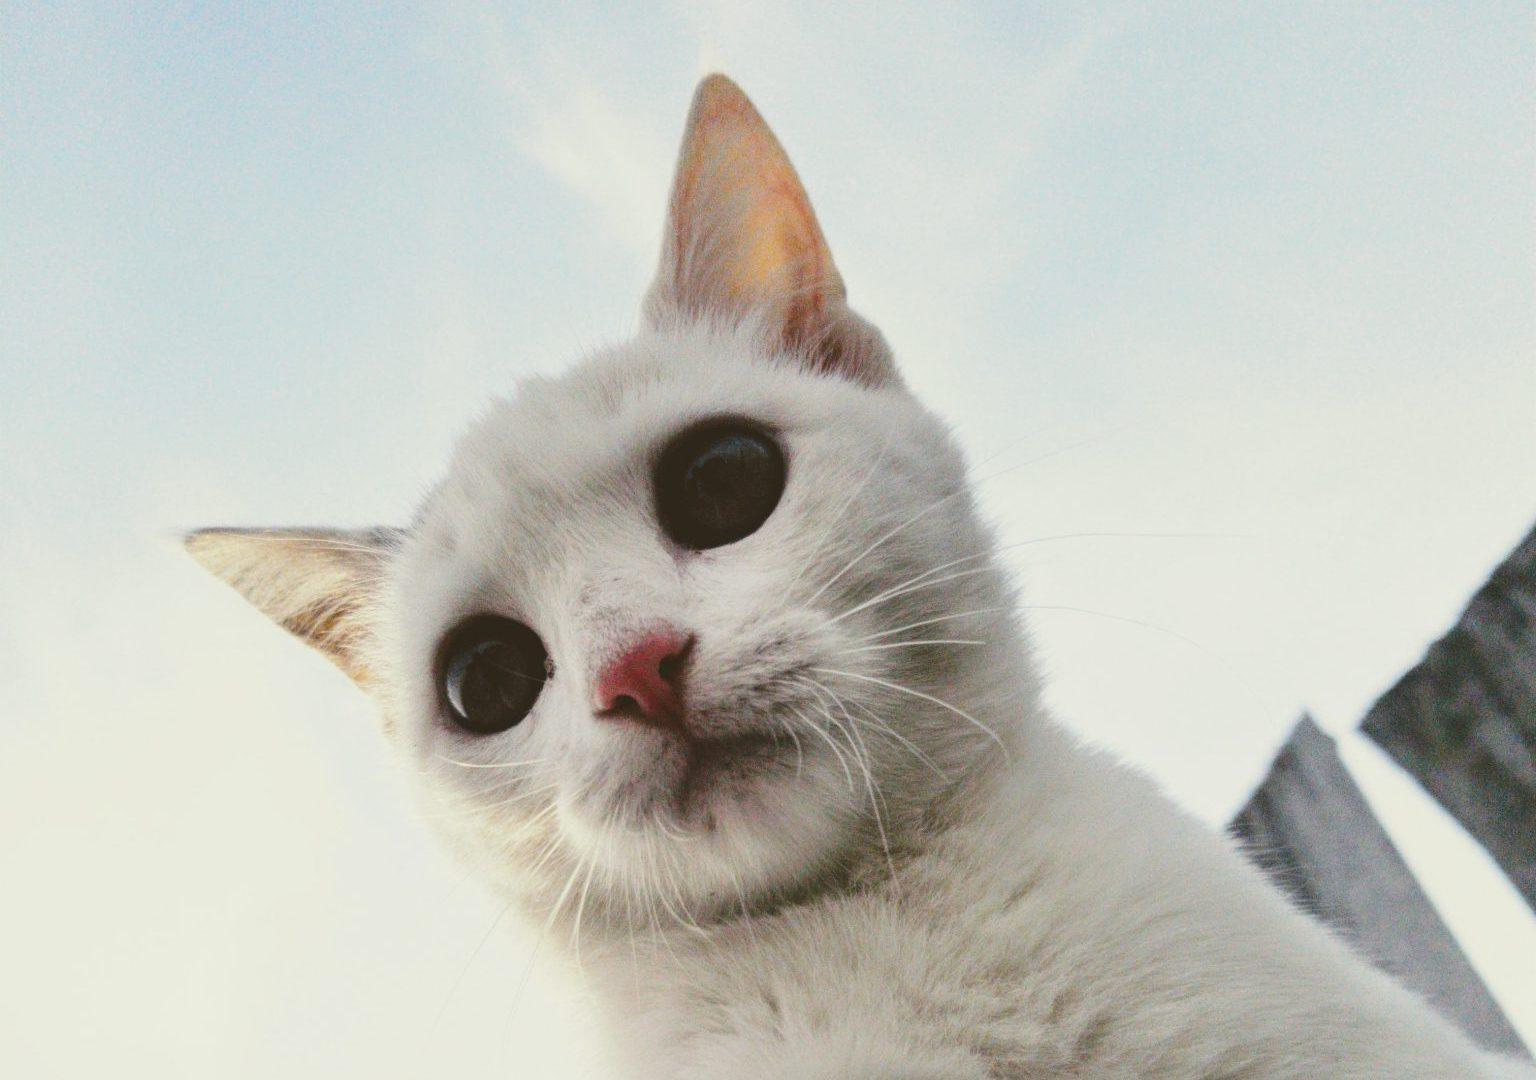 고양이 질병 종류, 자주 걸리는 것 TOP 3